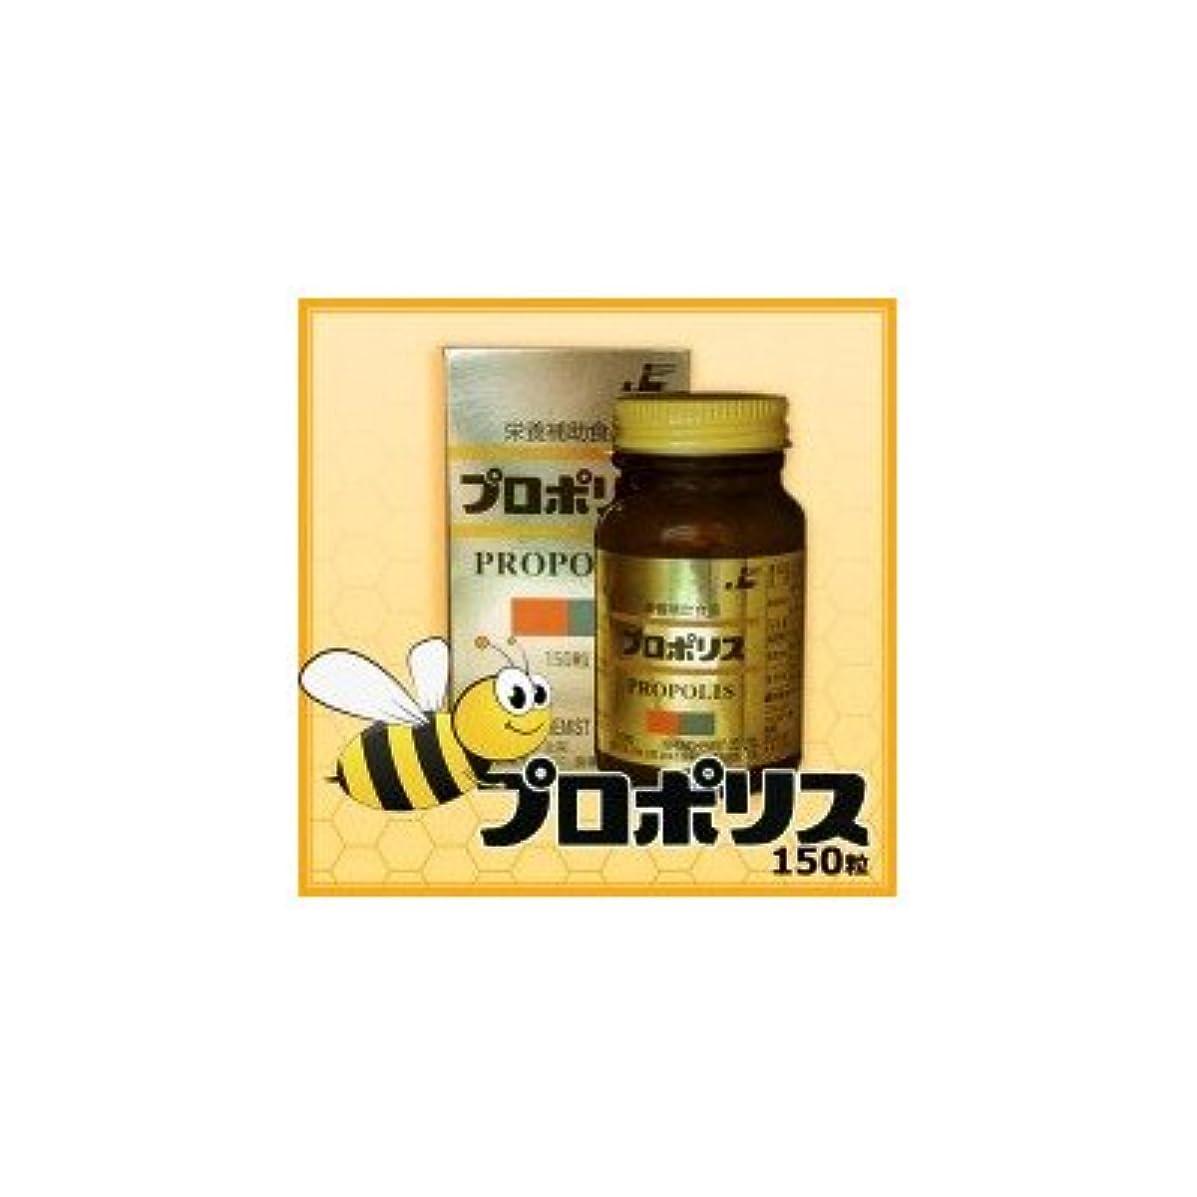 乙女価格絶壁プロポリス 37.5g(250mg×150粒)